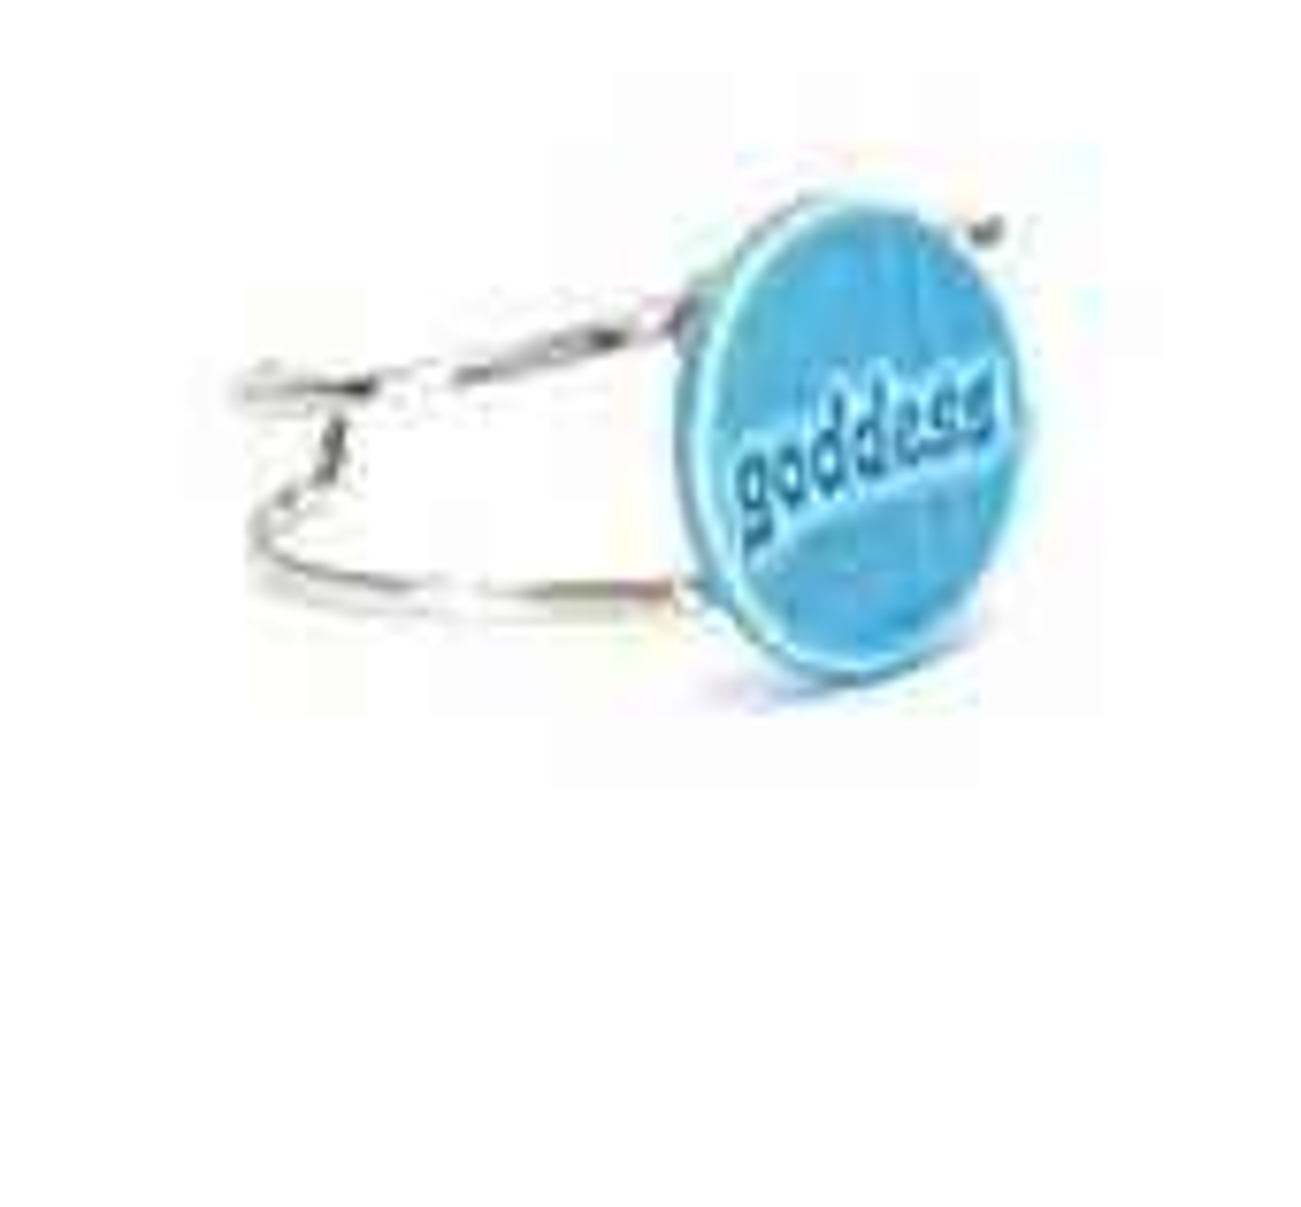 Goddess cuff bracelet - SassyBelleWares